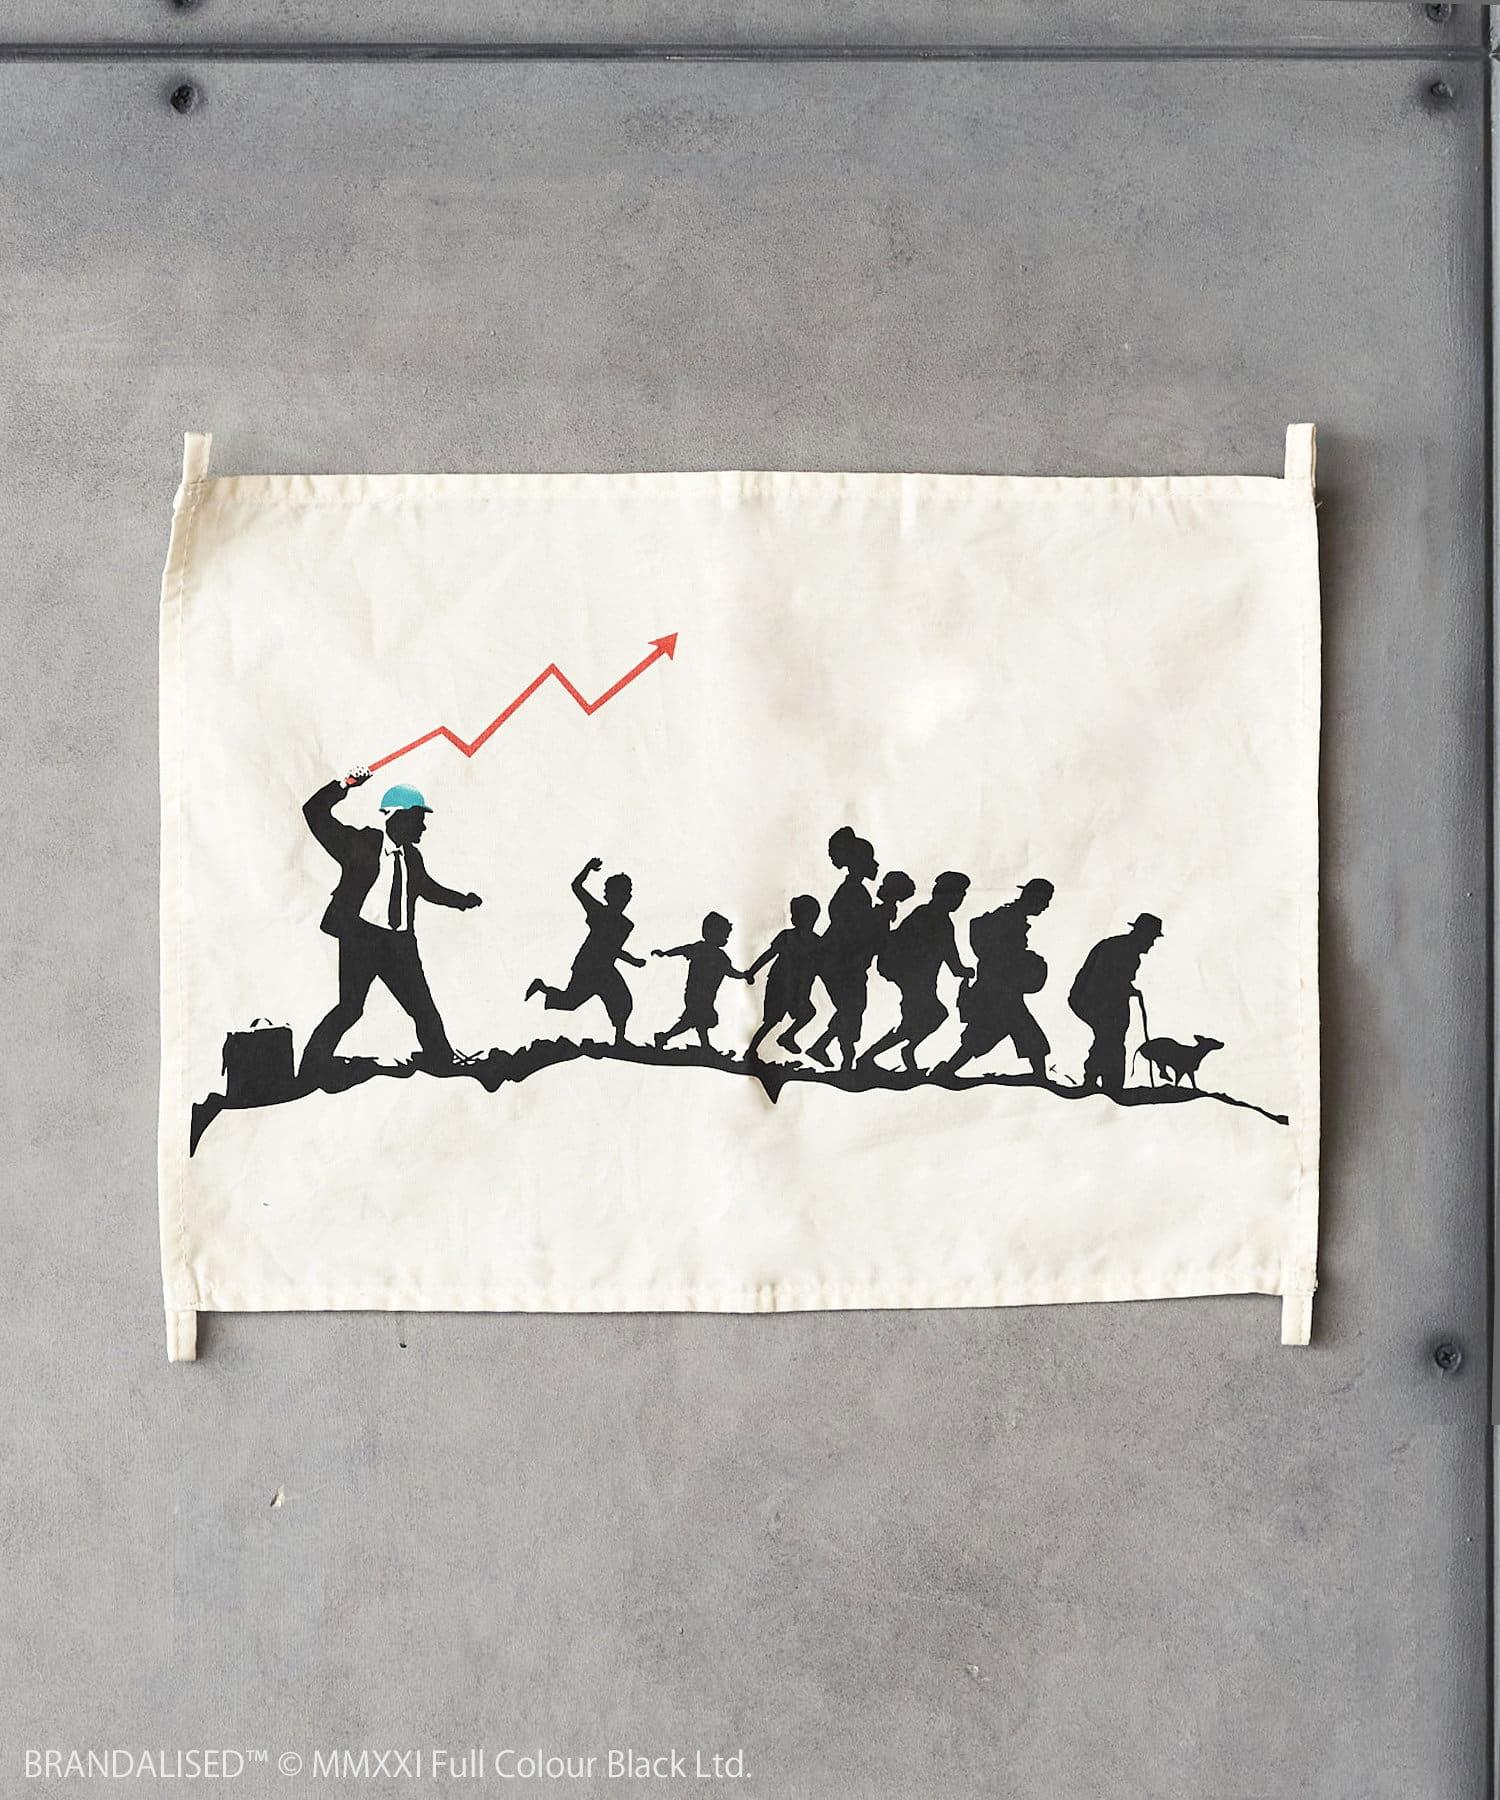 ASOKO(アソコ) ライフスタイル Banksy's Graffiti ファブリックポスター(M) その他